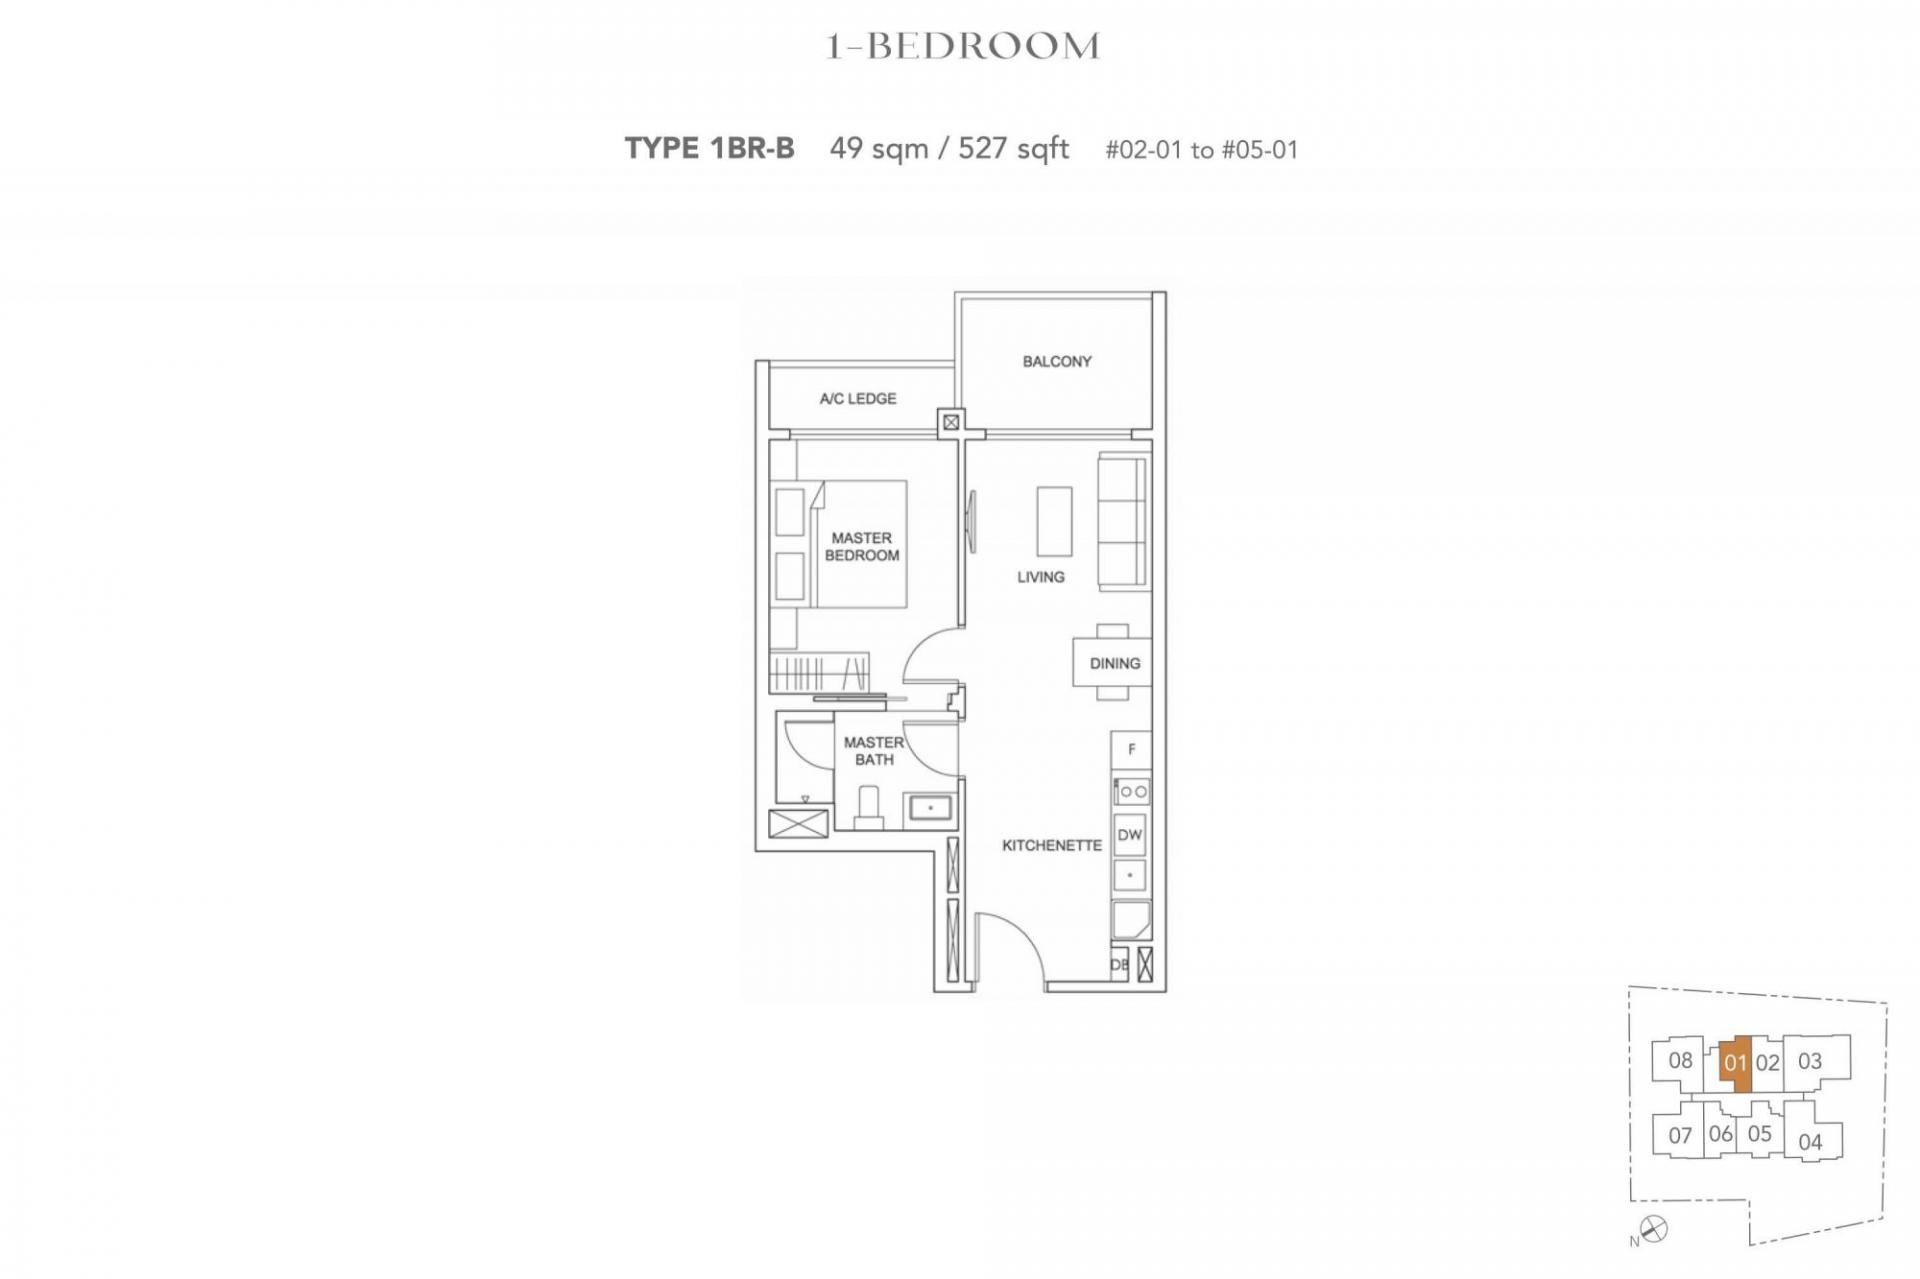 jervois-treasures-floor-plan-1